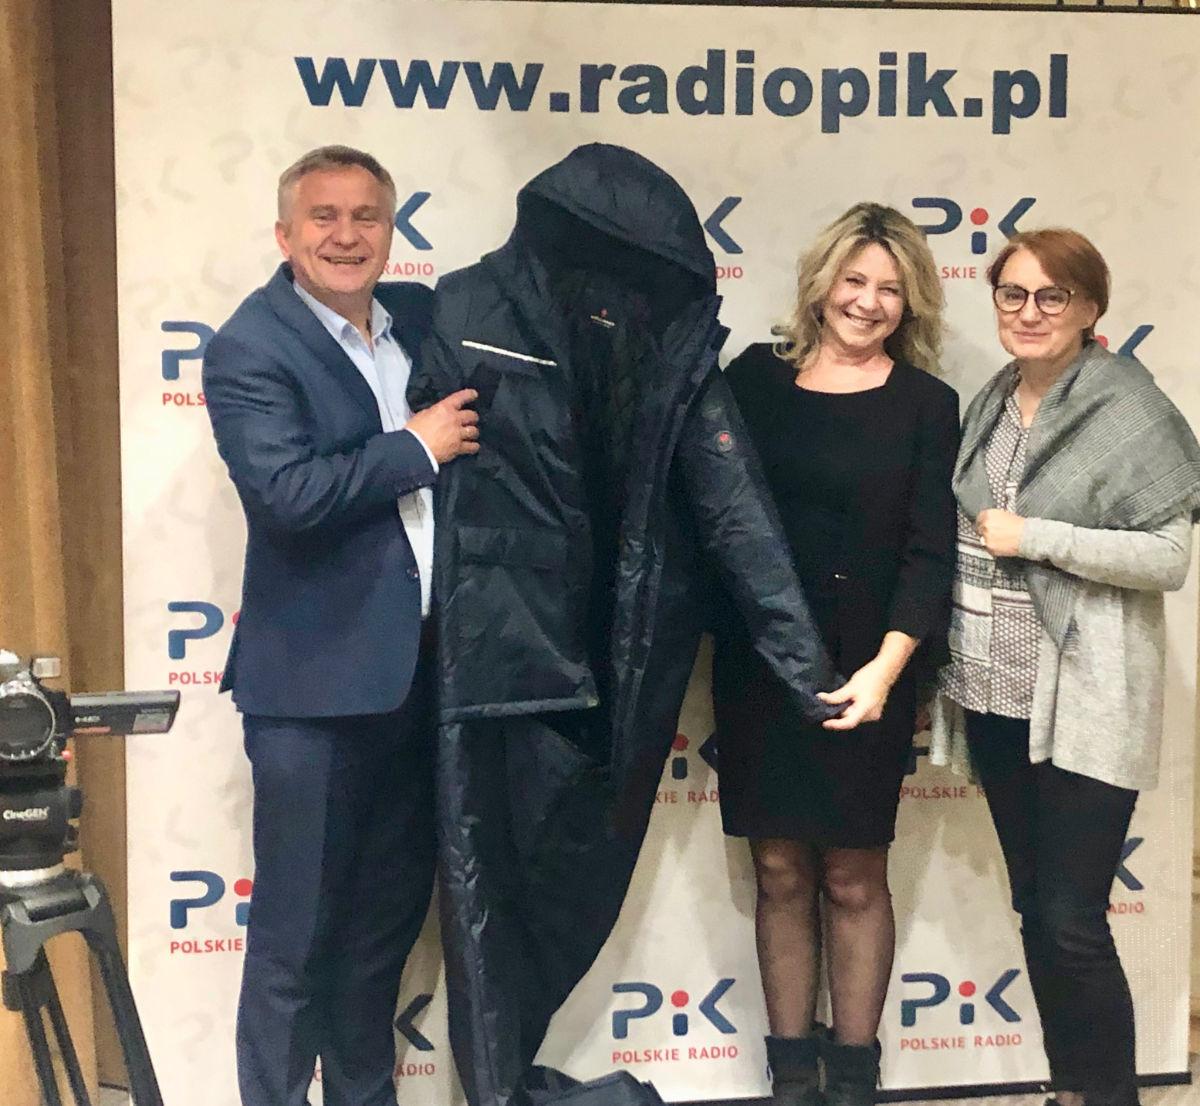 O 20 latach działalności Fundacji i o projekcie CIEPŁE SERCE posłuchacie w Polskim Radiu PIK!